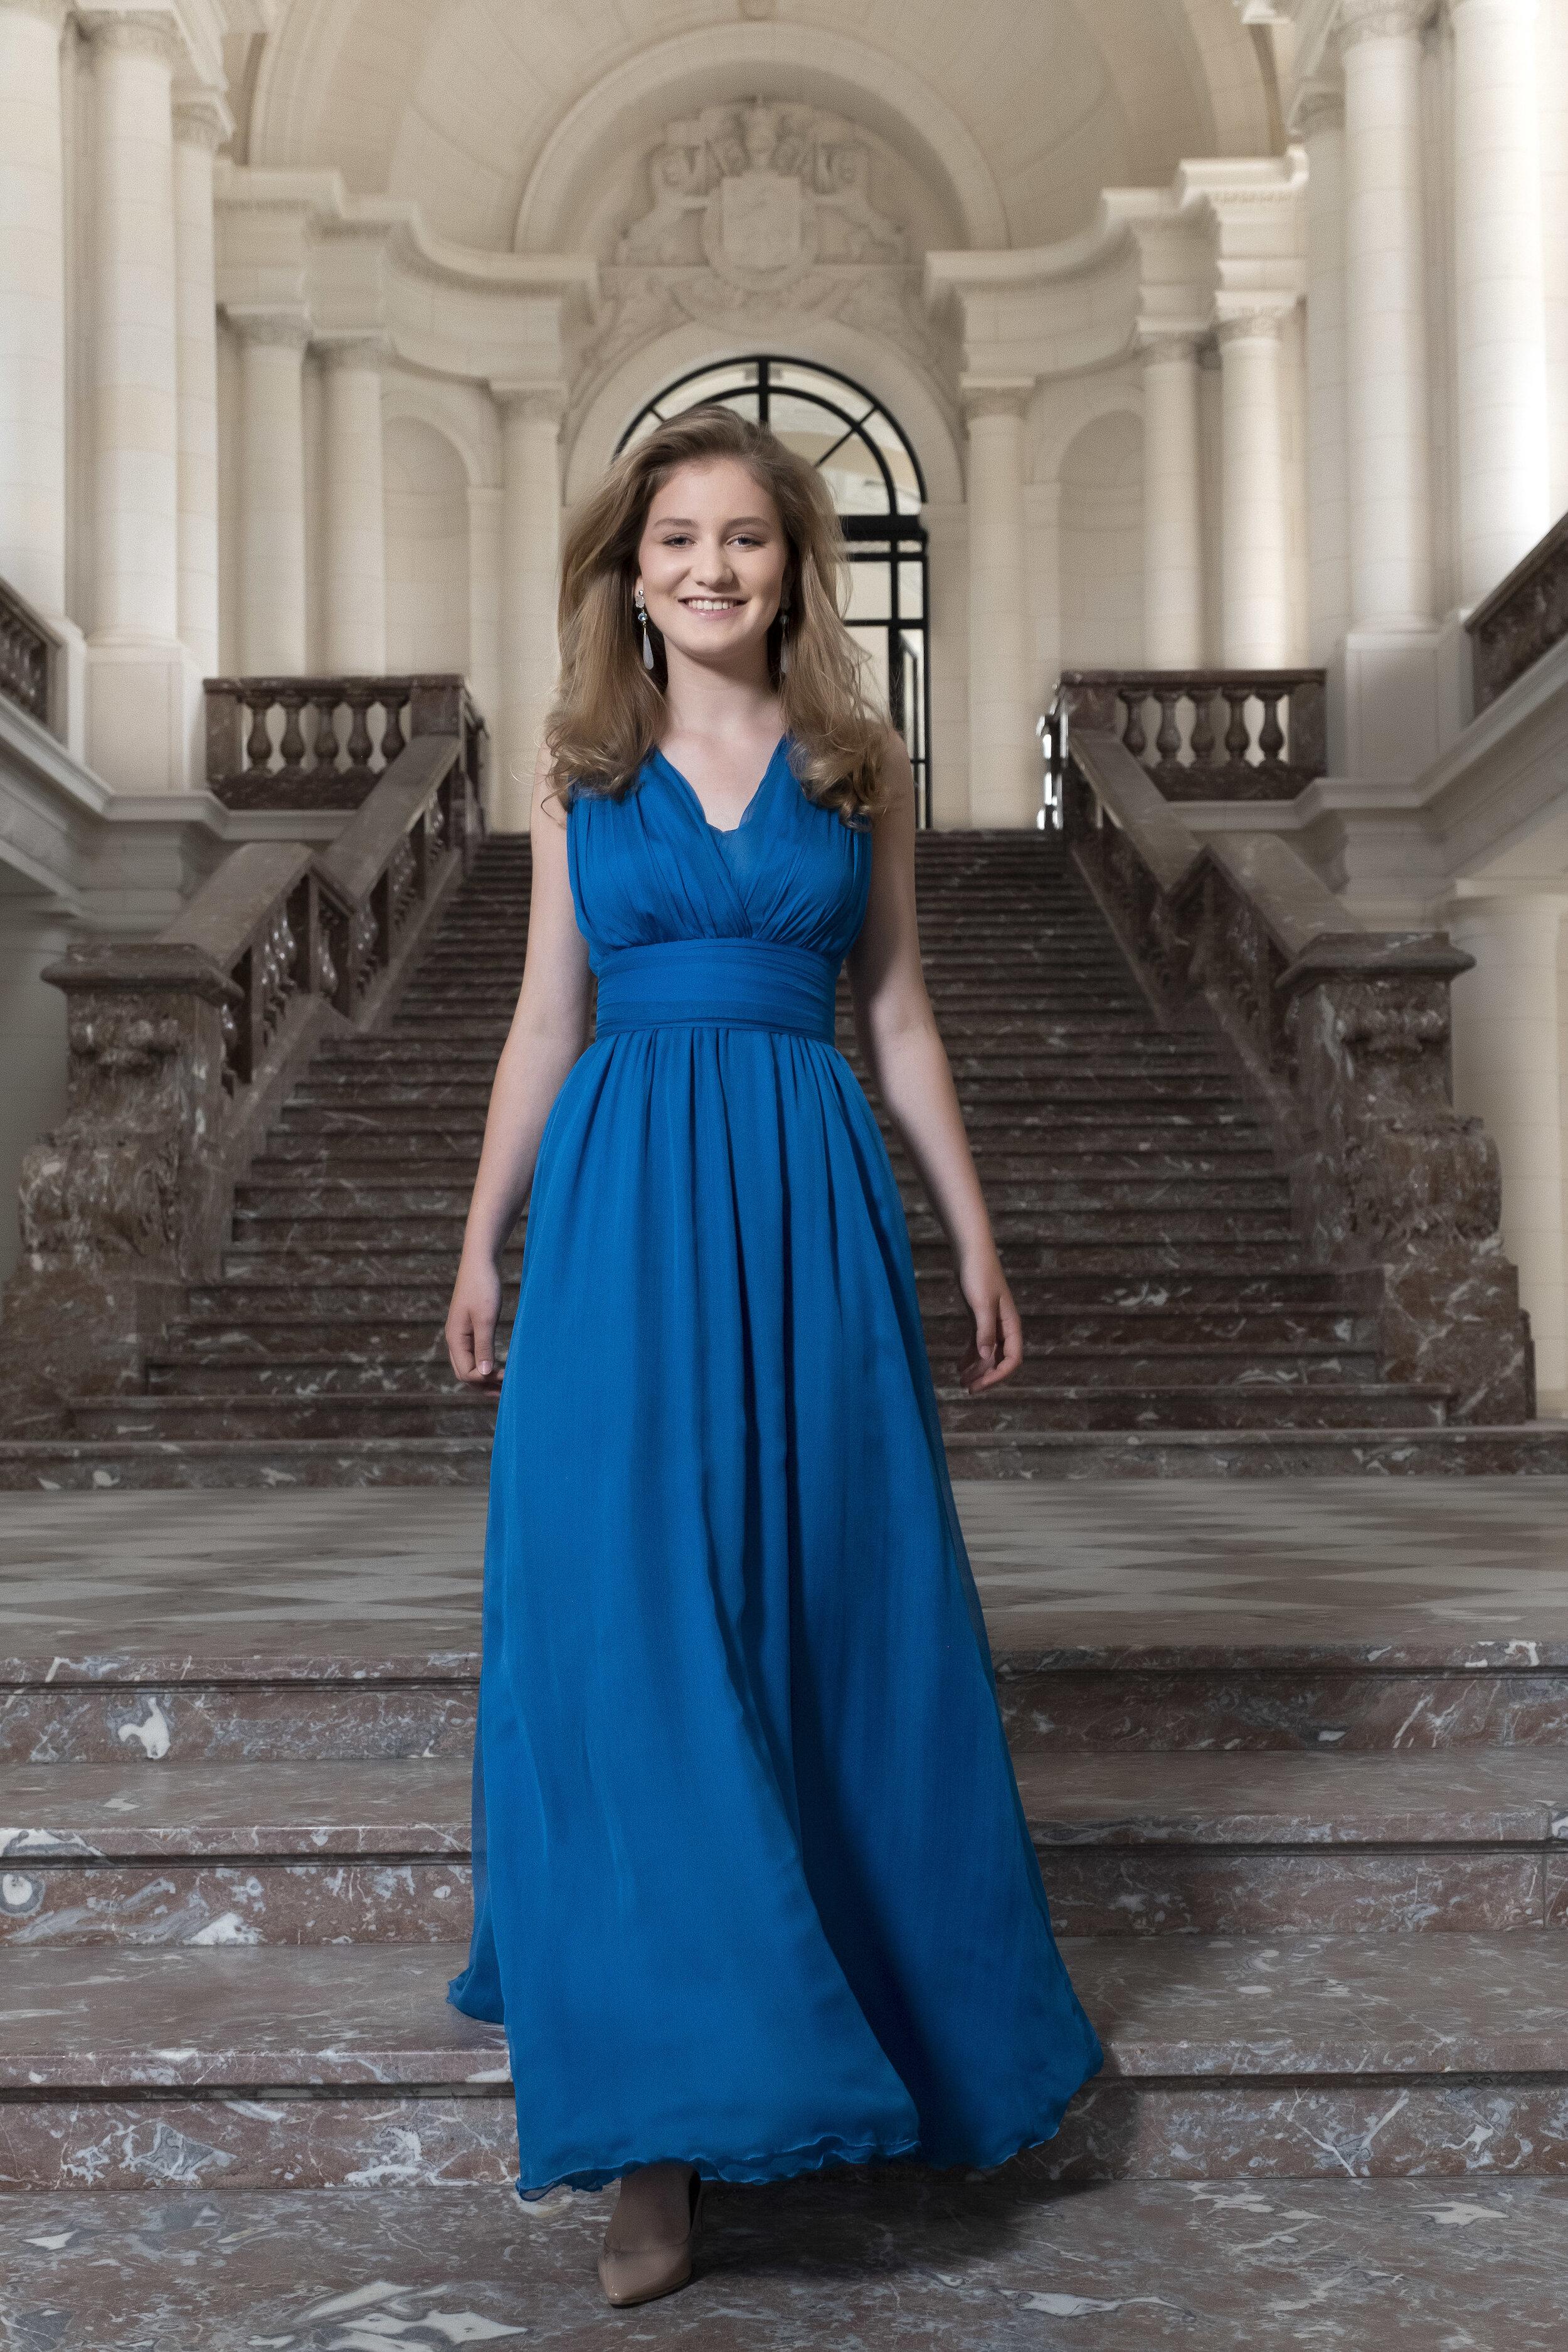 Prinzessin Elisabeth hat eine Vielzahl von Hobbys. Sie spielt Tennis, taucht und fährt Ski. Außerdem spielt sie Klavier und liebt es zu kochen und neue Rezepte auszuprobieren. Sie engagiert sich freiwillig für Kinder mit Lernschwierigkeiten, ältere Menschen, Obdachlose und Menschen mit Behinderungen.  © picture alliance/Hand Out Belgian Royal Palace - /BELGA/dpa